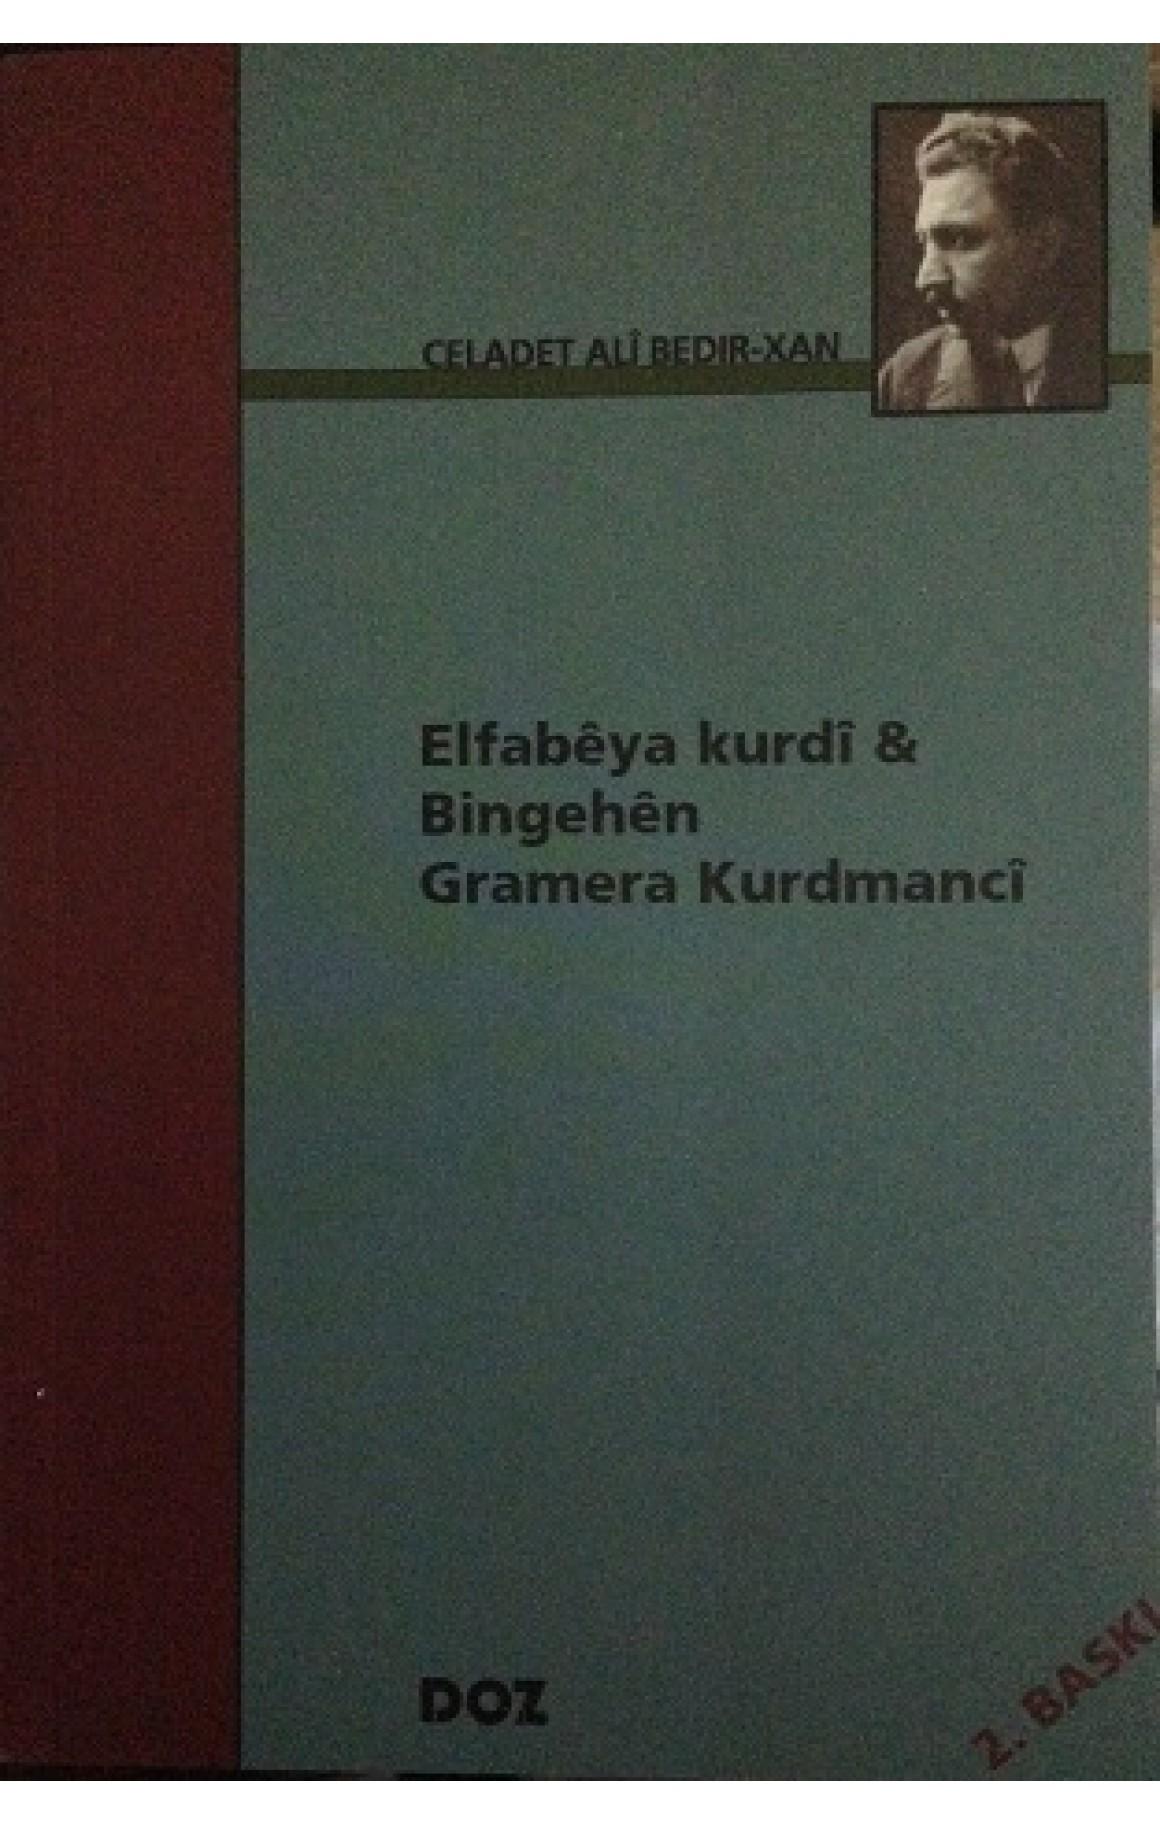 Elfabeya Kurdi ü Bingehen-Gramera Kurmanci